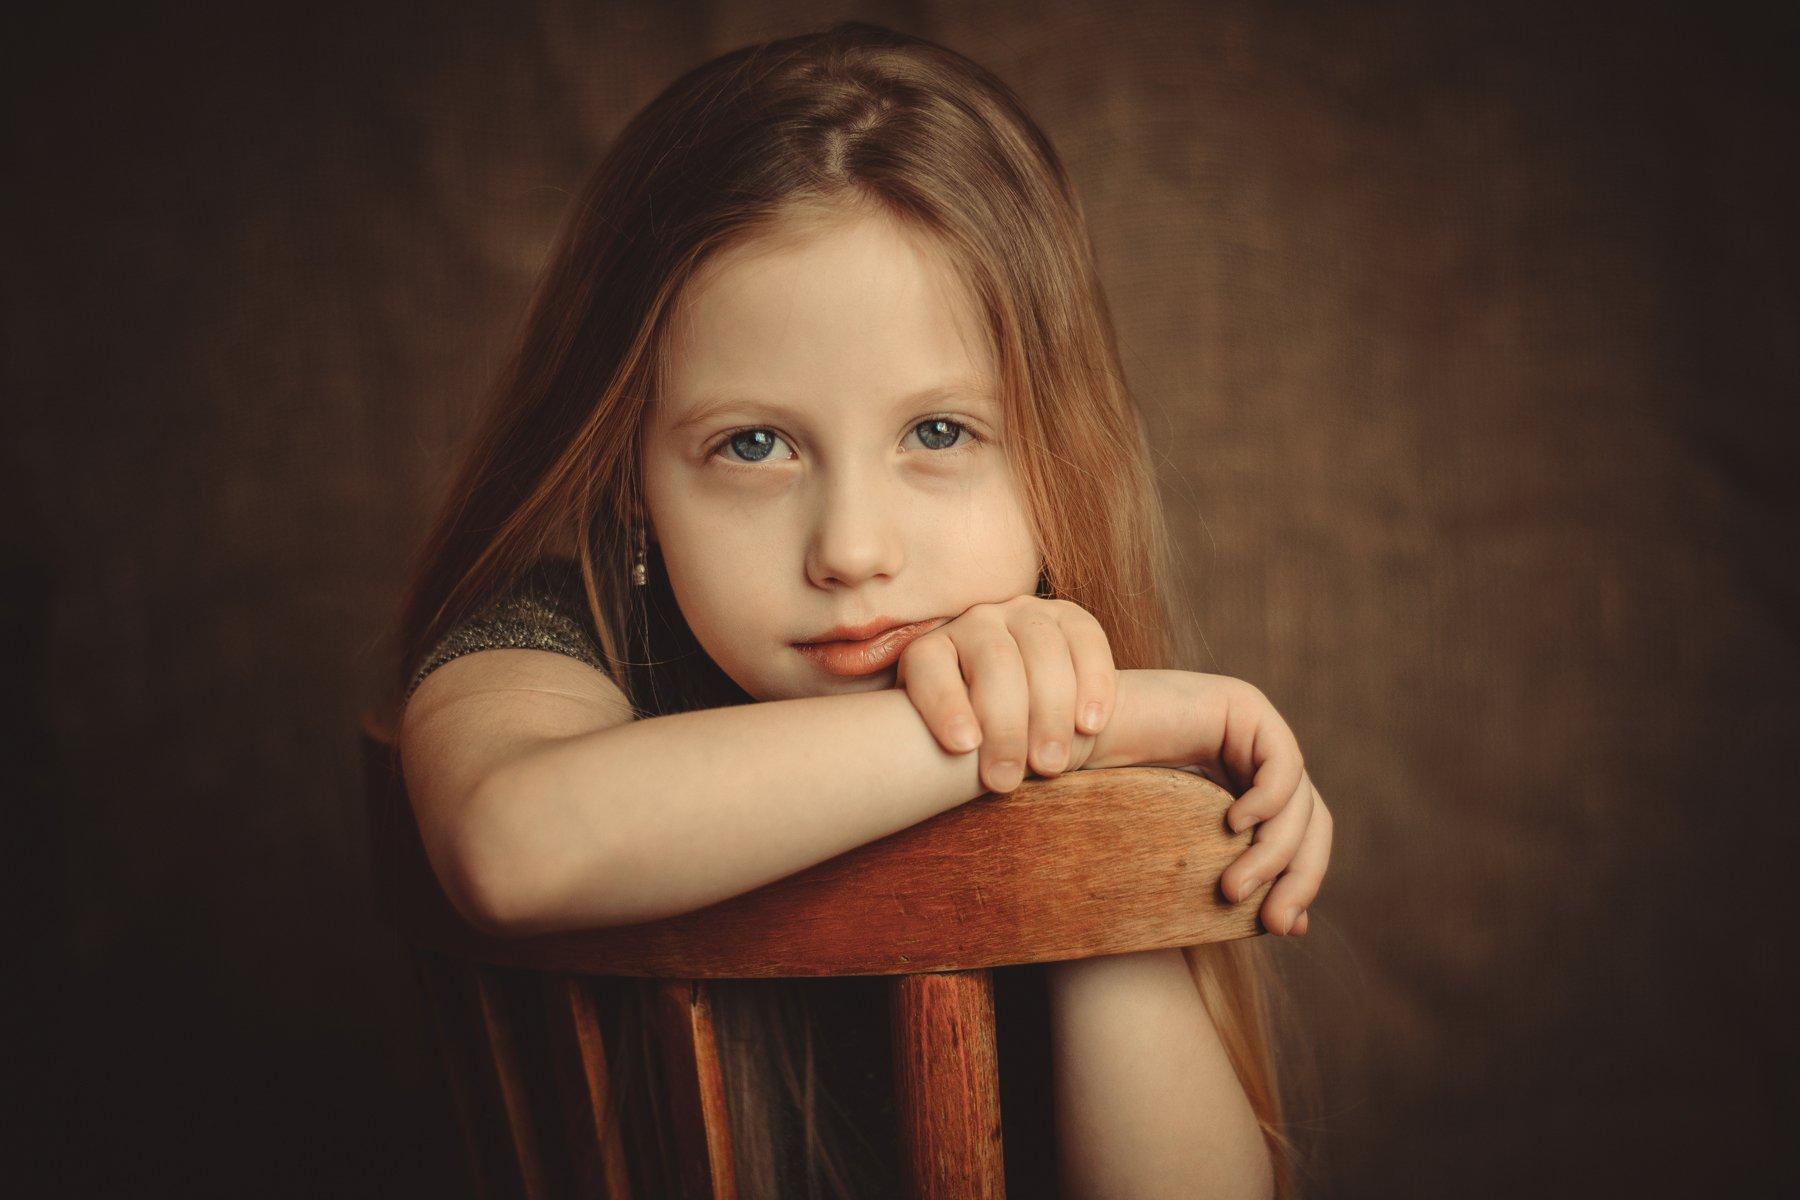 девочка, взгляд, ребенок, студия, руки, стул, волосы, лицо, тепло, комната, Игорь Сидорук